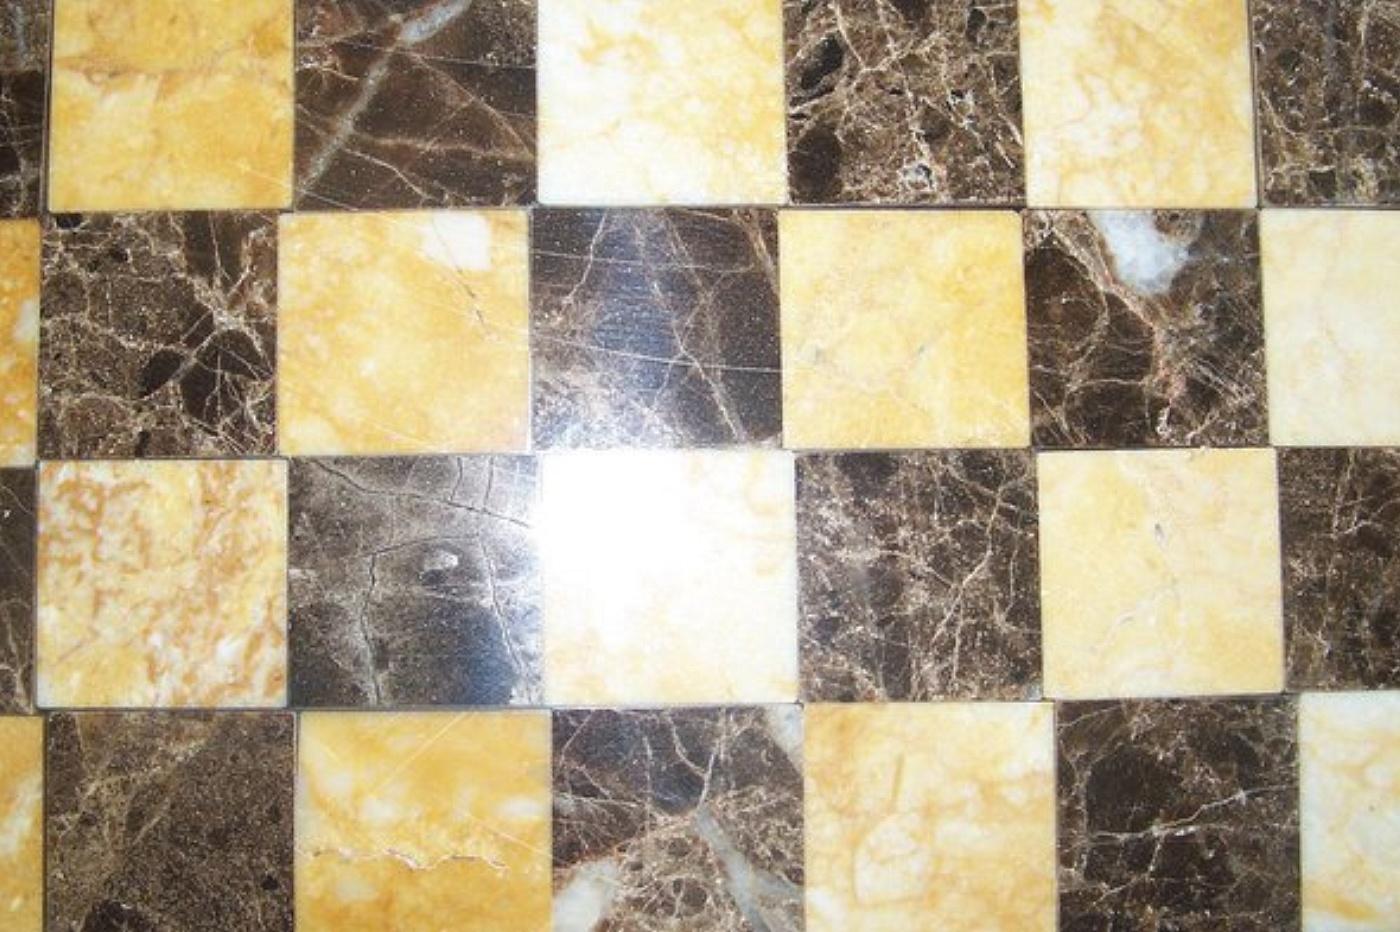 Dama in marmo prezzi cemento armato precompresso - Bagno piero forte dei marmi prezzi ...